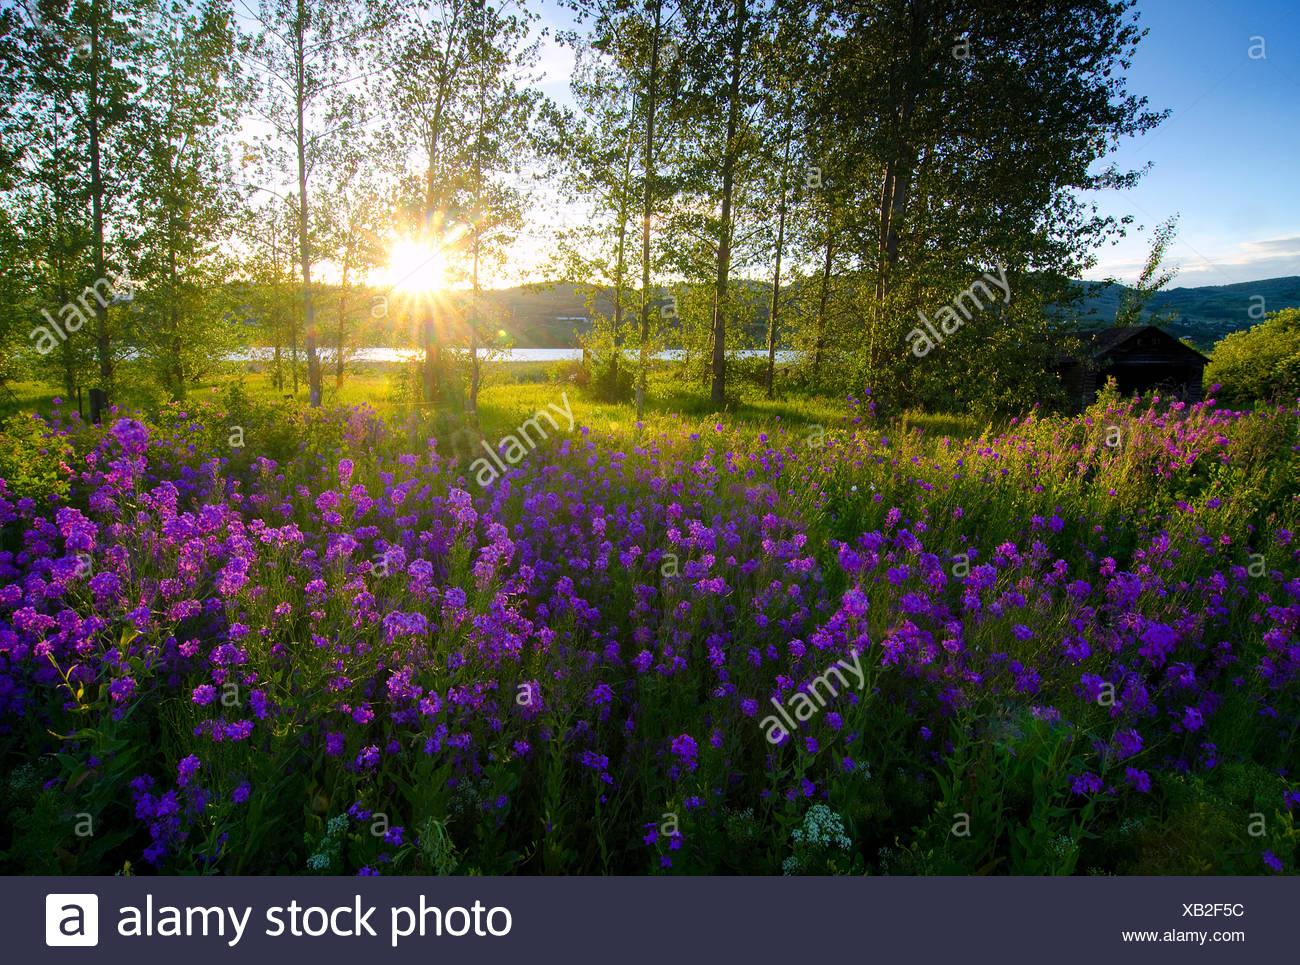 Hesperis matronalis (dames rocket) en pleine floraison comme ils tremper dans la fin du printemps soleil aux côtés de Vernon de Swan Lake dans la région de l'Okanagan de la Colombie-Britannique, Canada Photo Stock